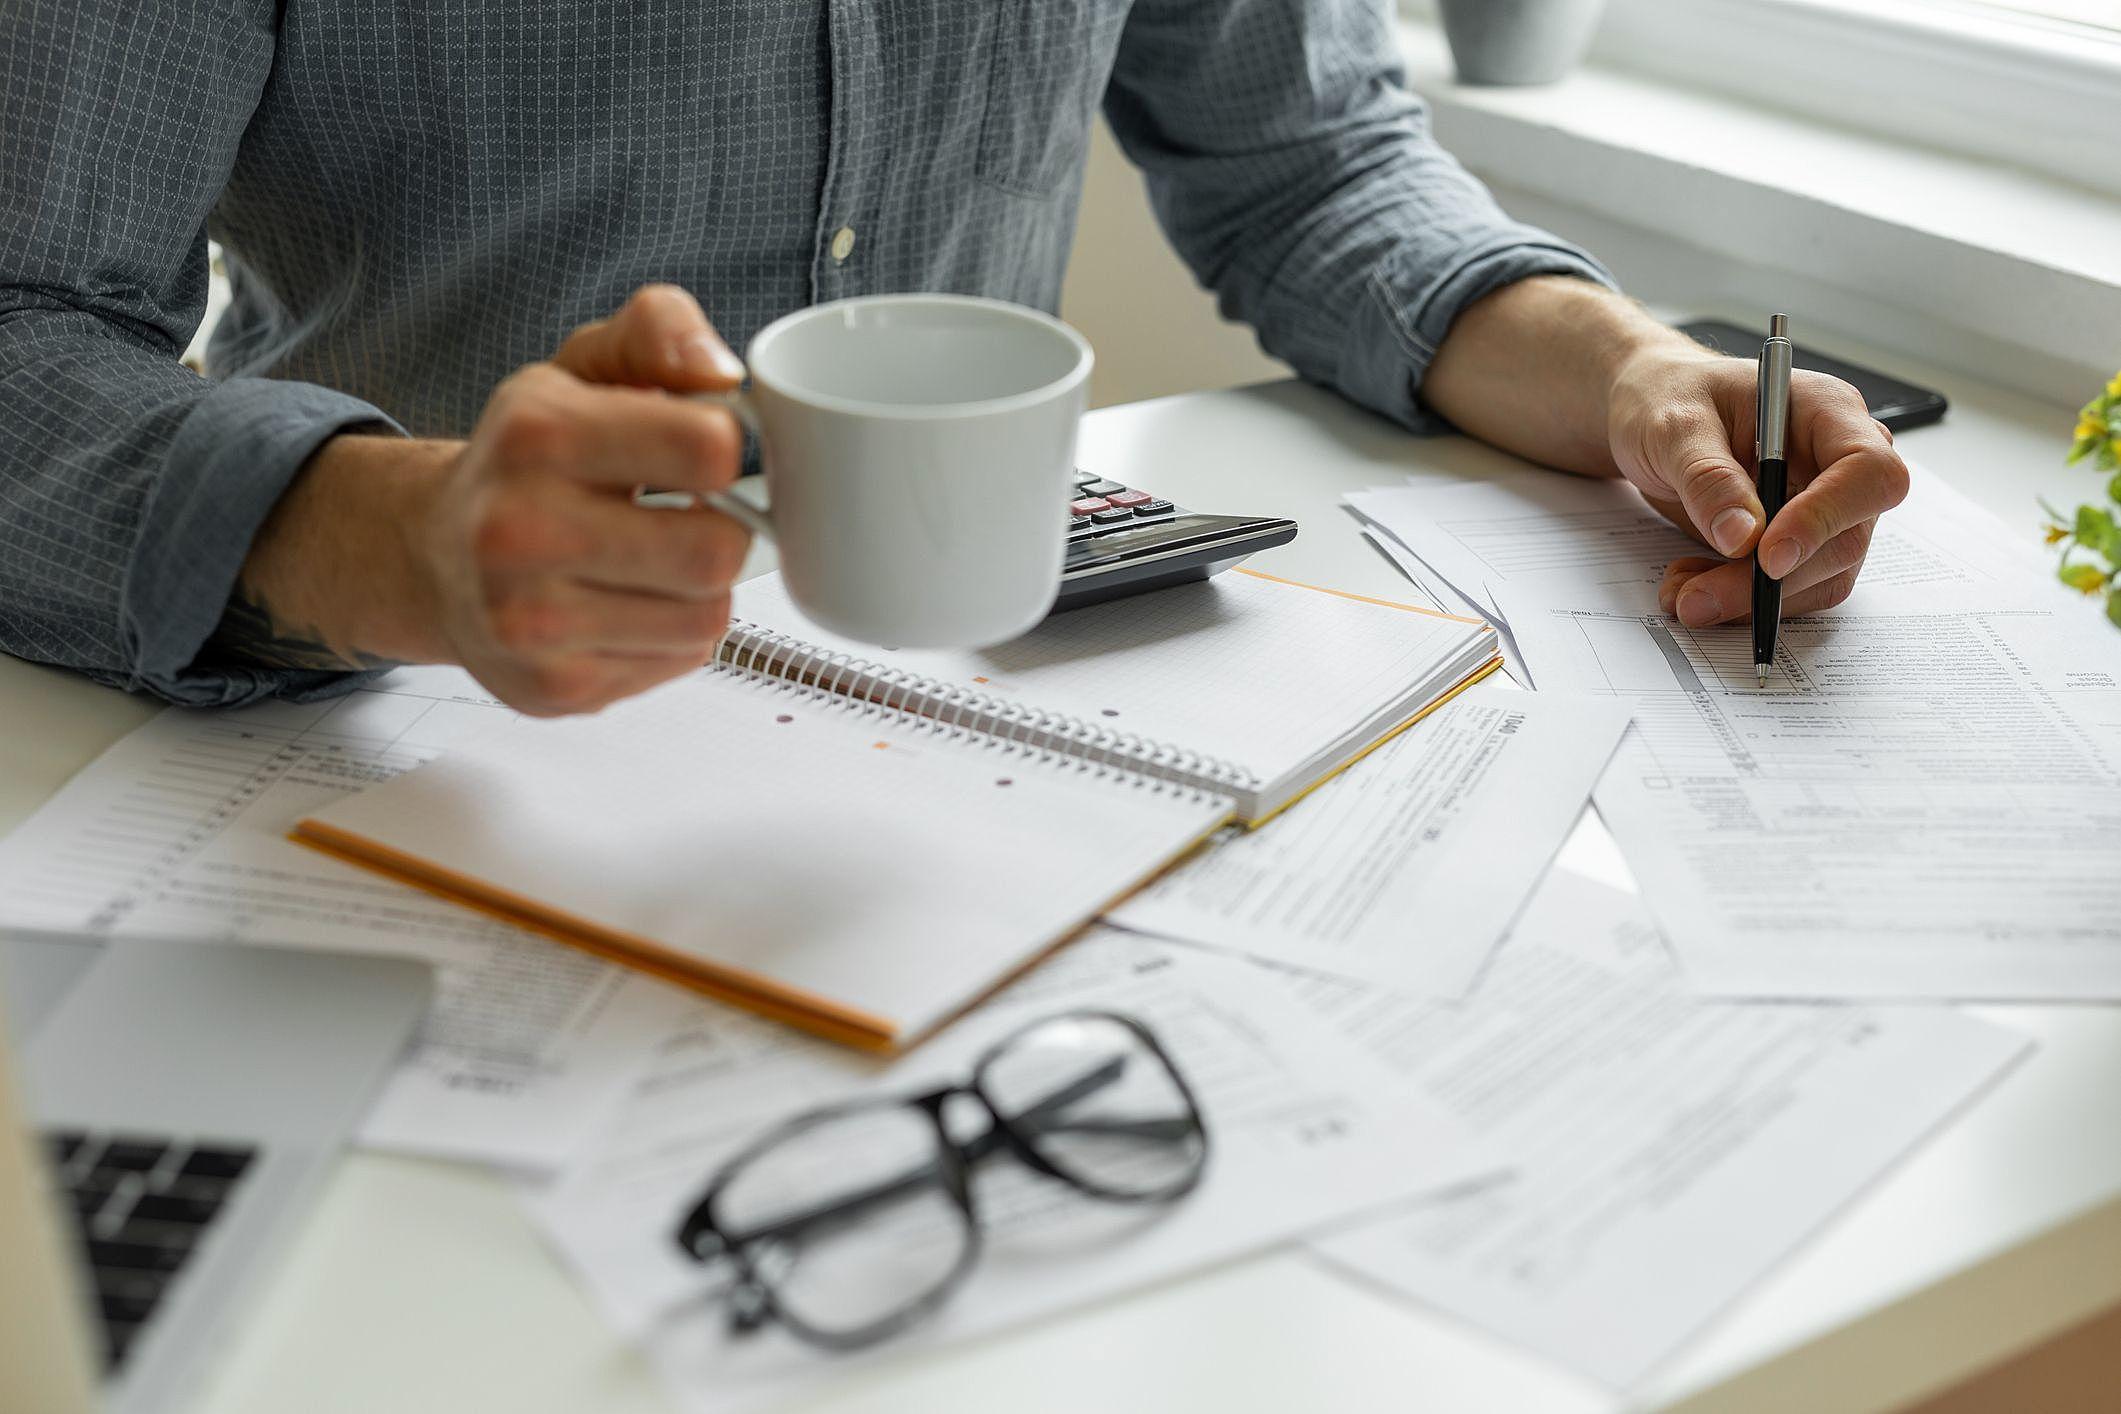 Como ter uma renda extra? 3 ideias para você colocar em prática